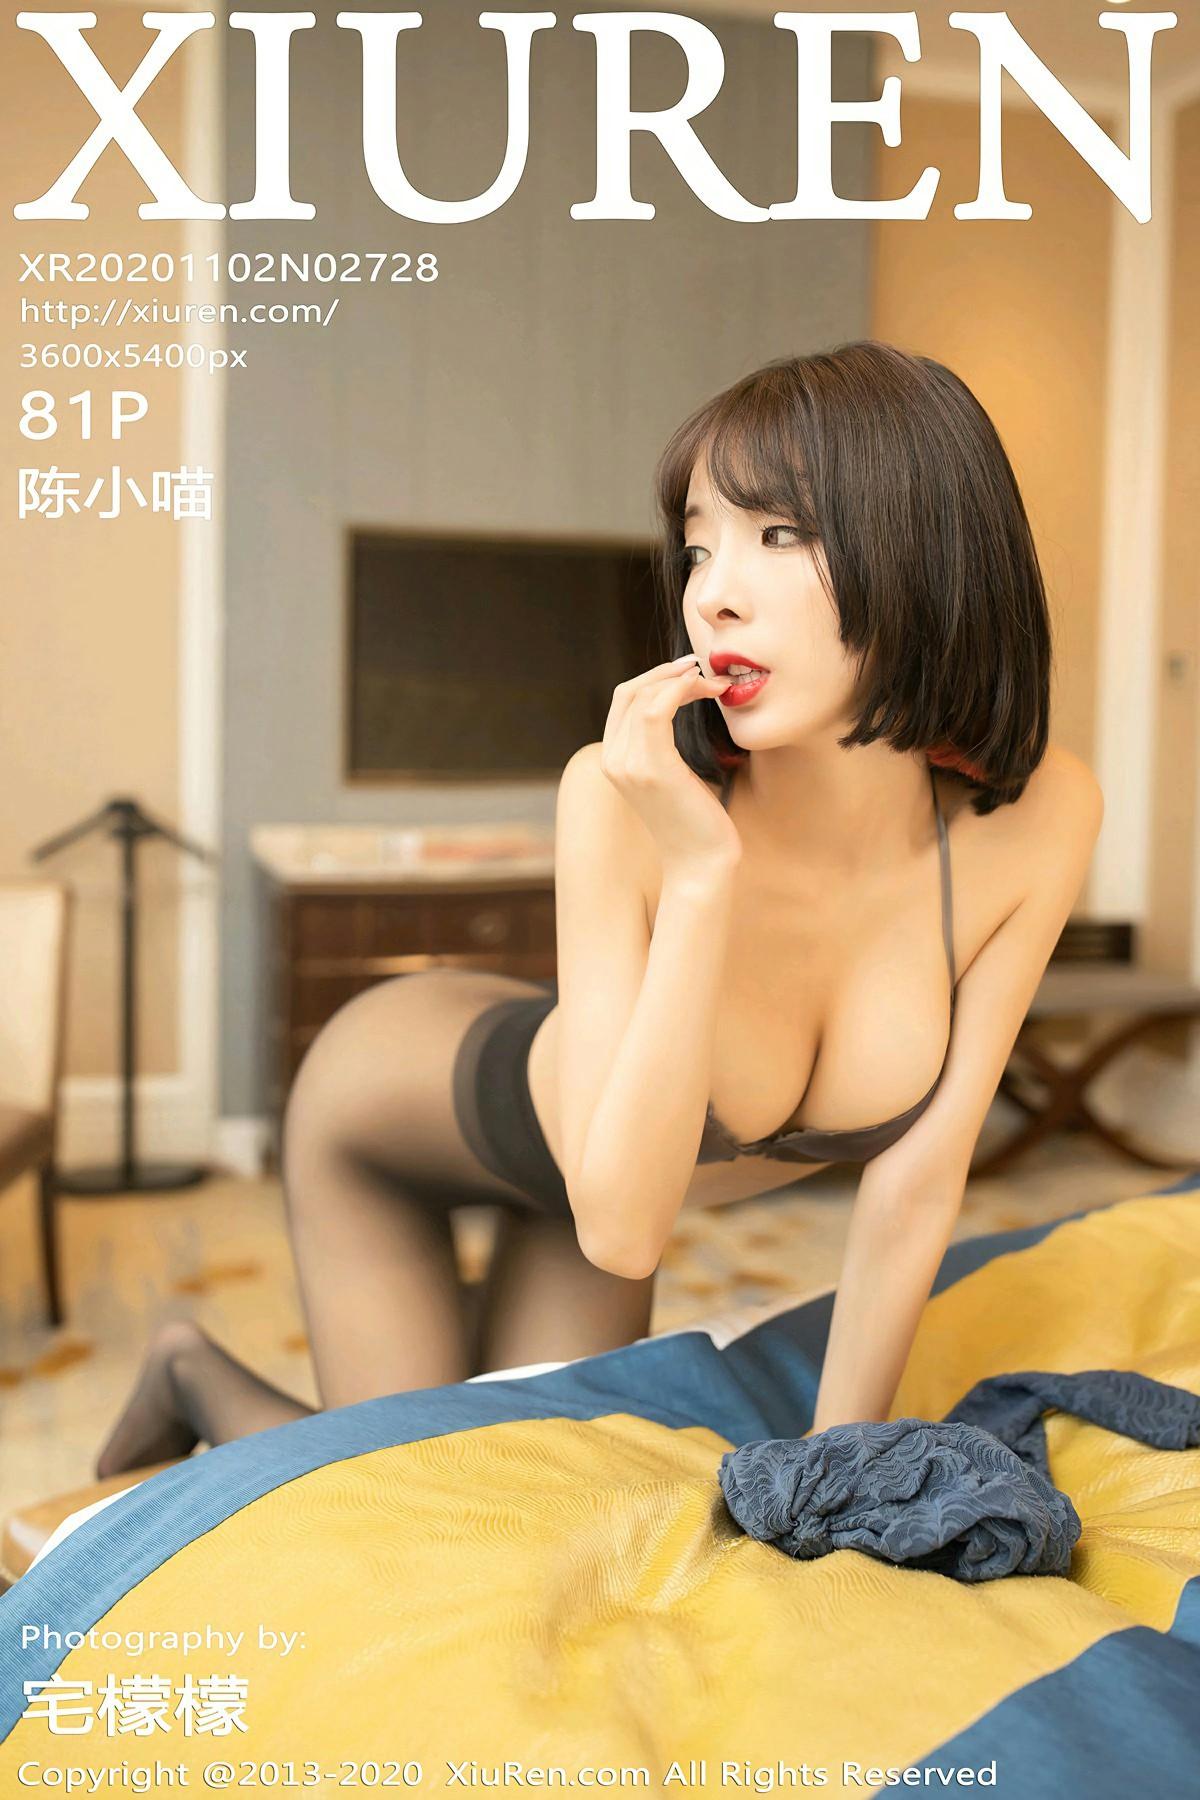 [XiuRen秀人网] 2020.11.02 No.2728 陈小喵 第1张